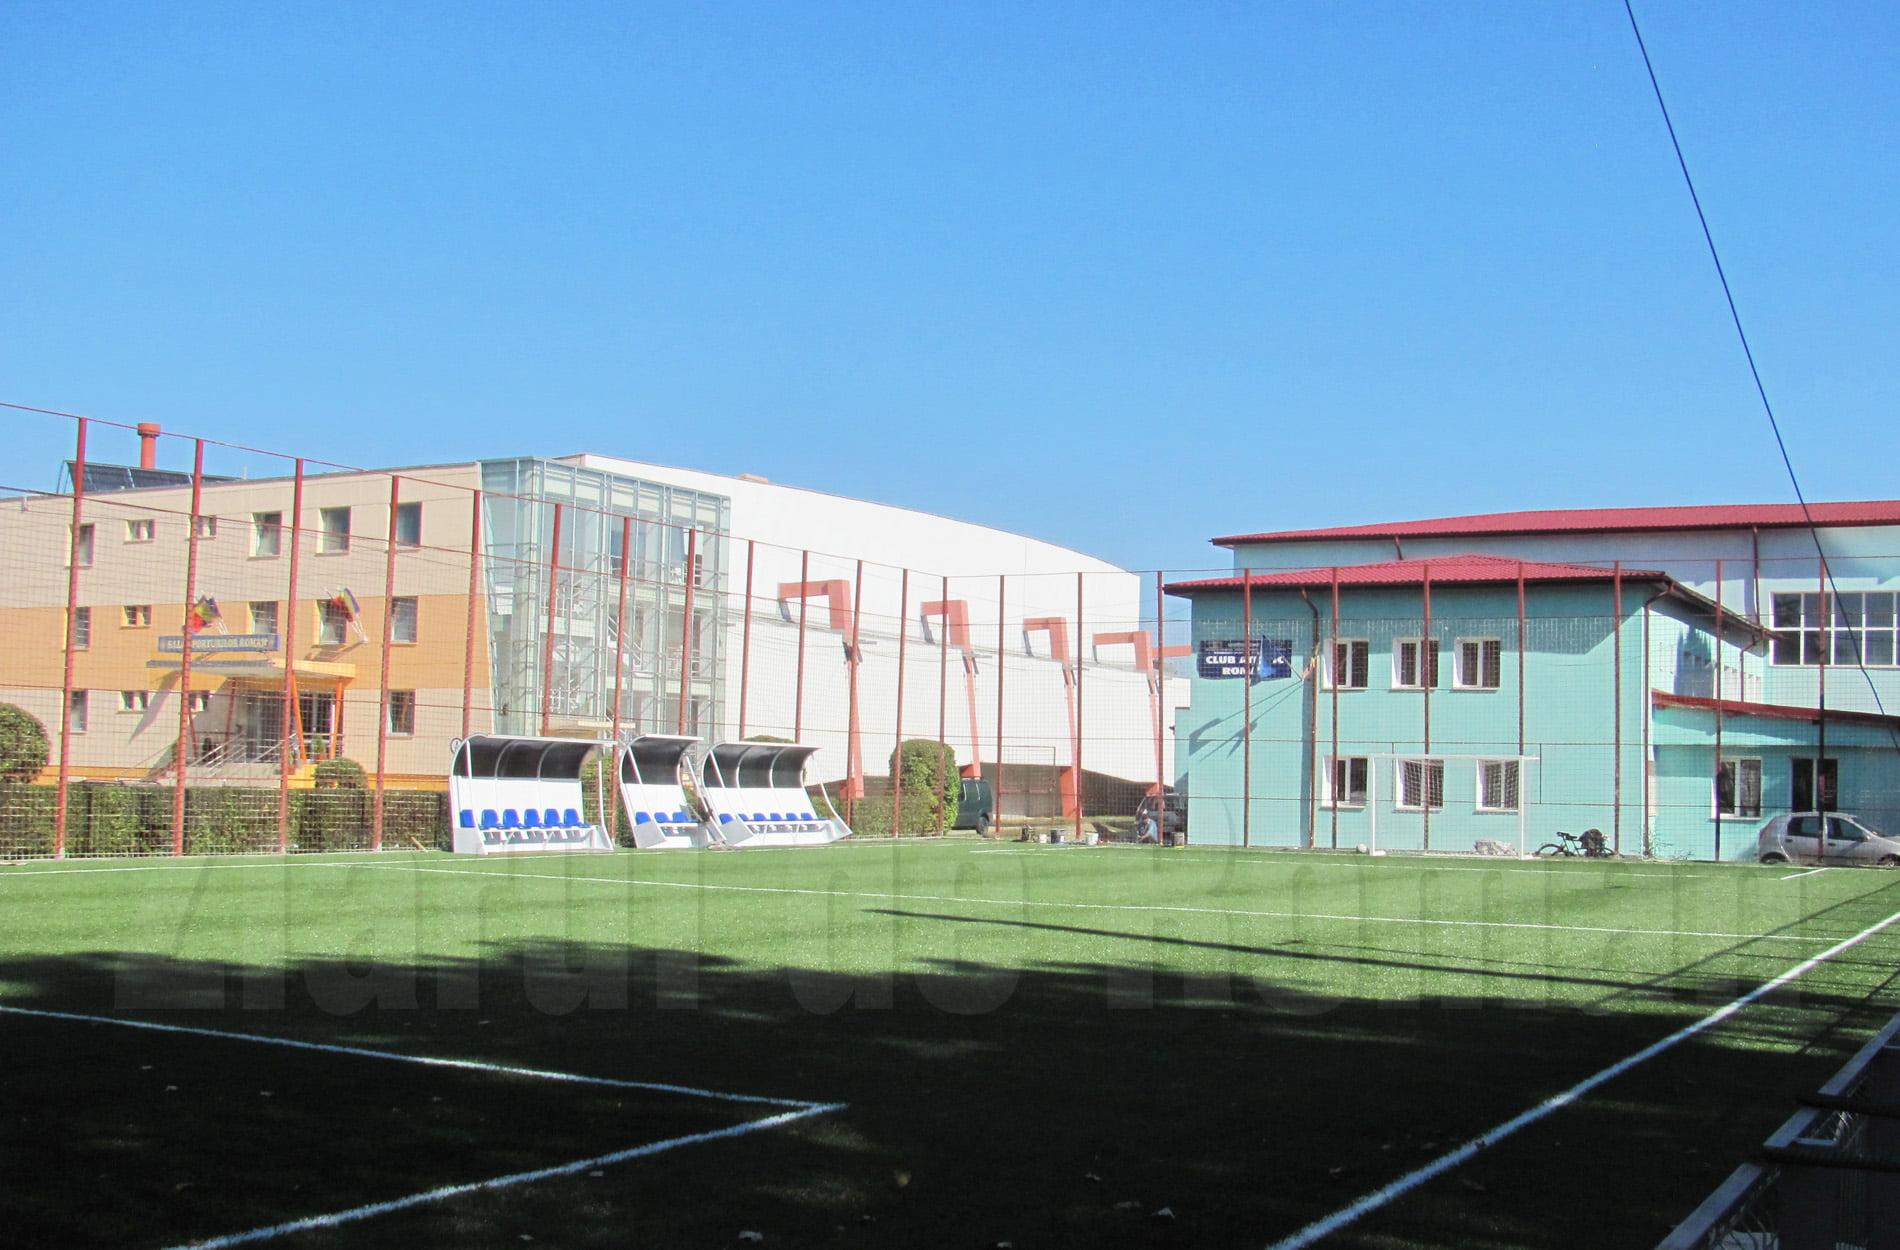 Programul pentru terenurile de sport de lângă Sala Sporturilor, prelungit până la orele 22